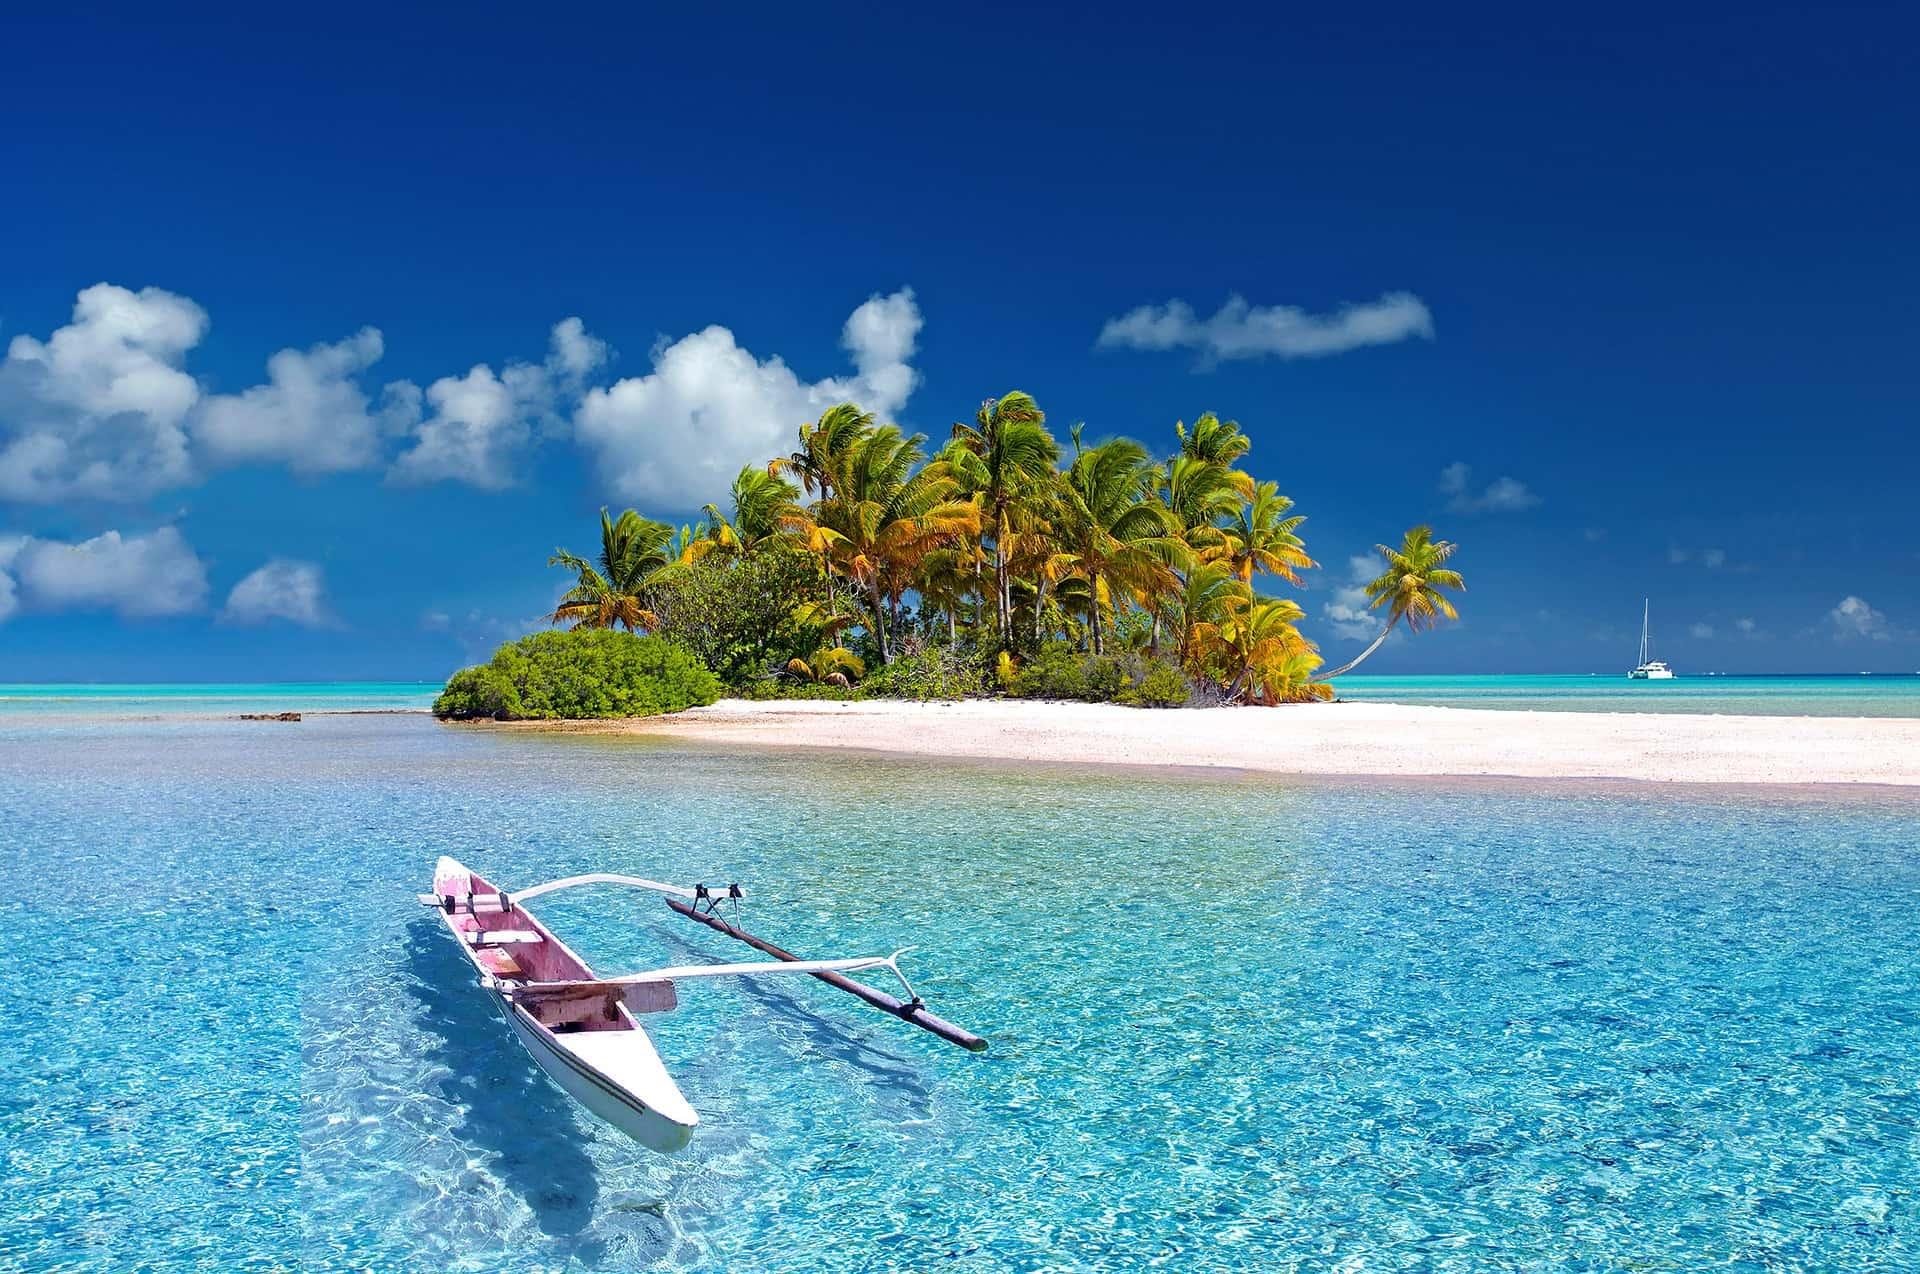 Éstas son las 15 islas más bonitas del mundo